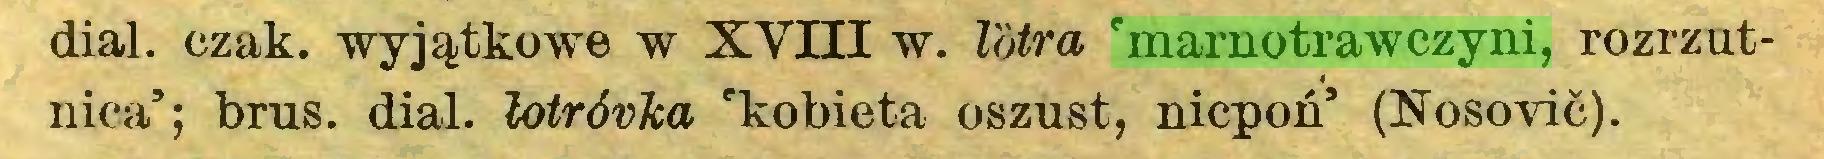 (...) dial. czak. wyjątkowe w XVIII w. łotra 'marnotrawczyni, rozrzutnica'; brus. dial. łotrórka 'kobieta oszust, nicpoń' (Nosovic)...